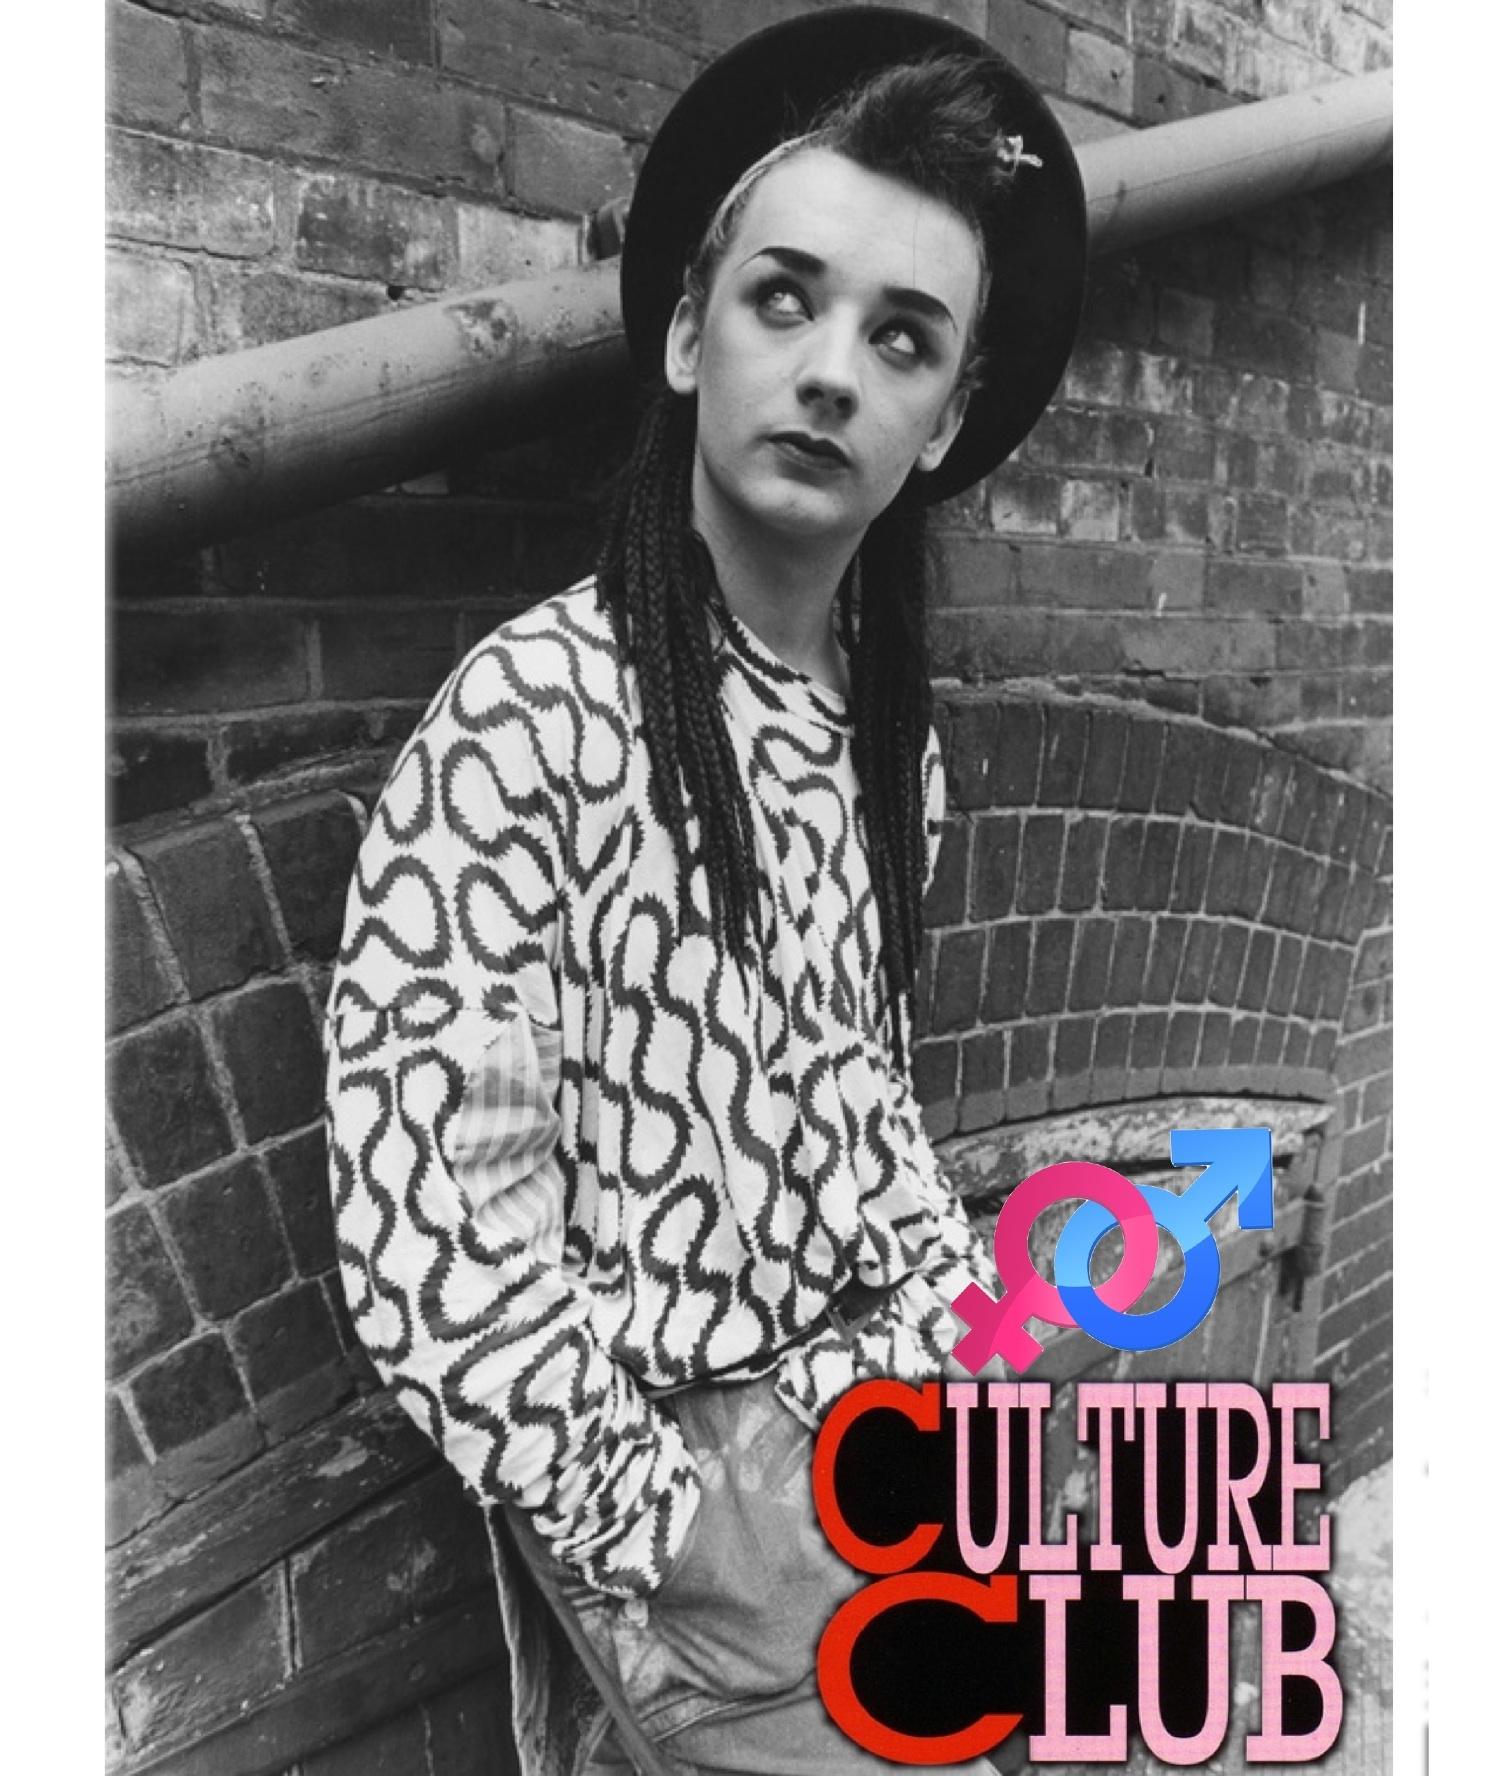 1980s music fashion culture